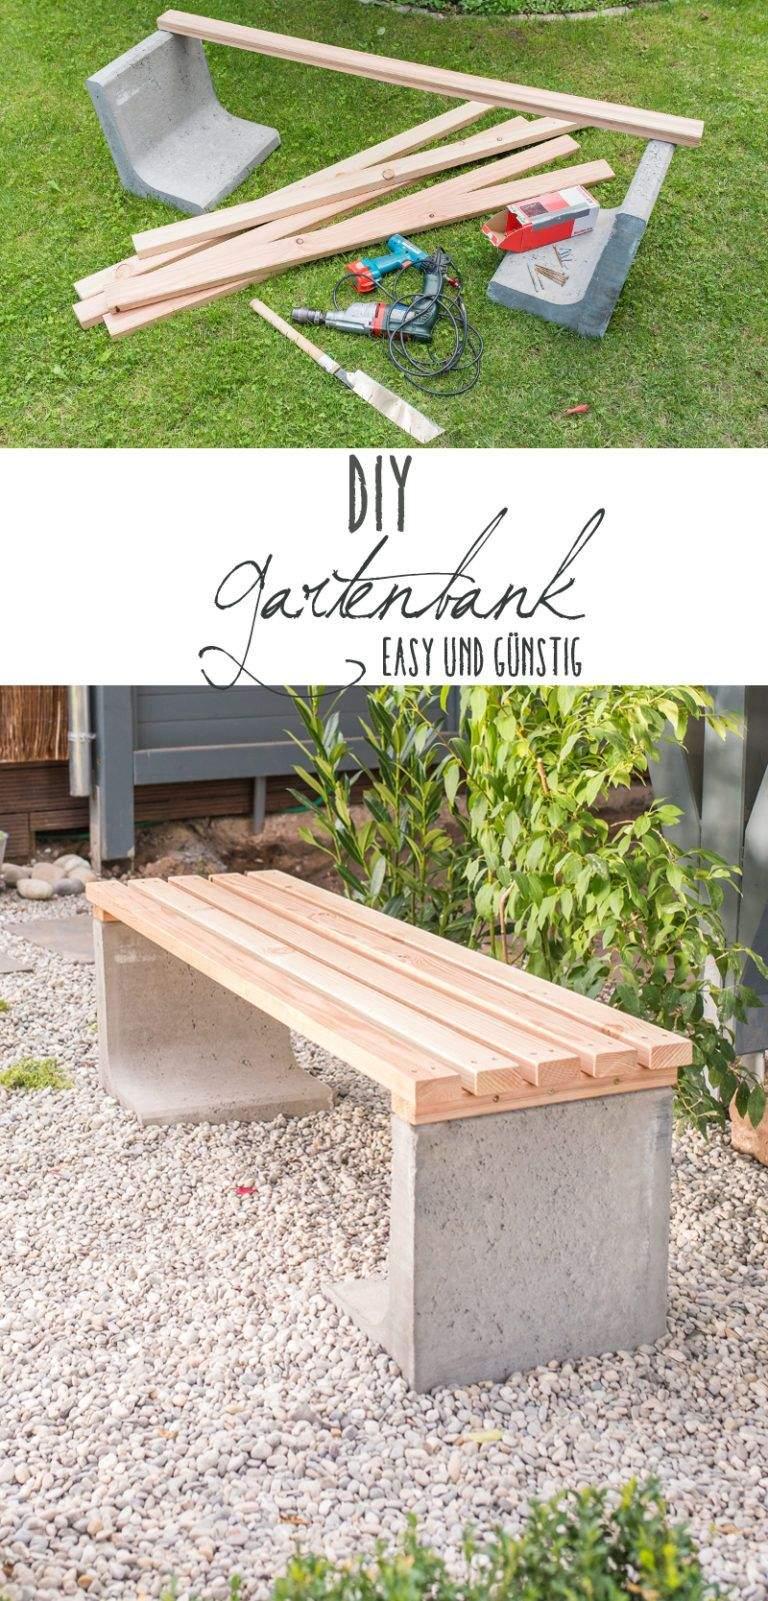 Teak Gartenbank Best Of 33 Genial Sitzbank Holz Garten Reizend